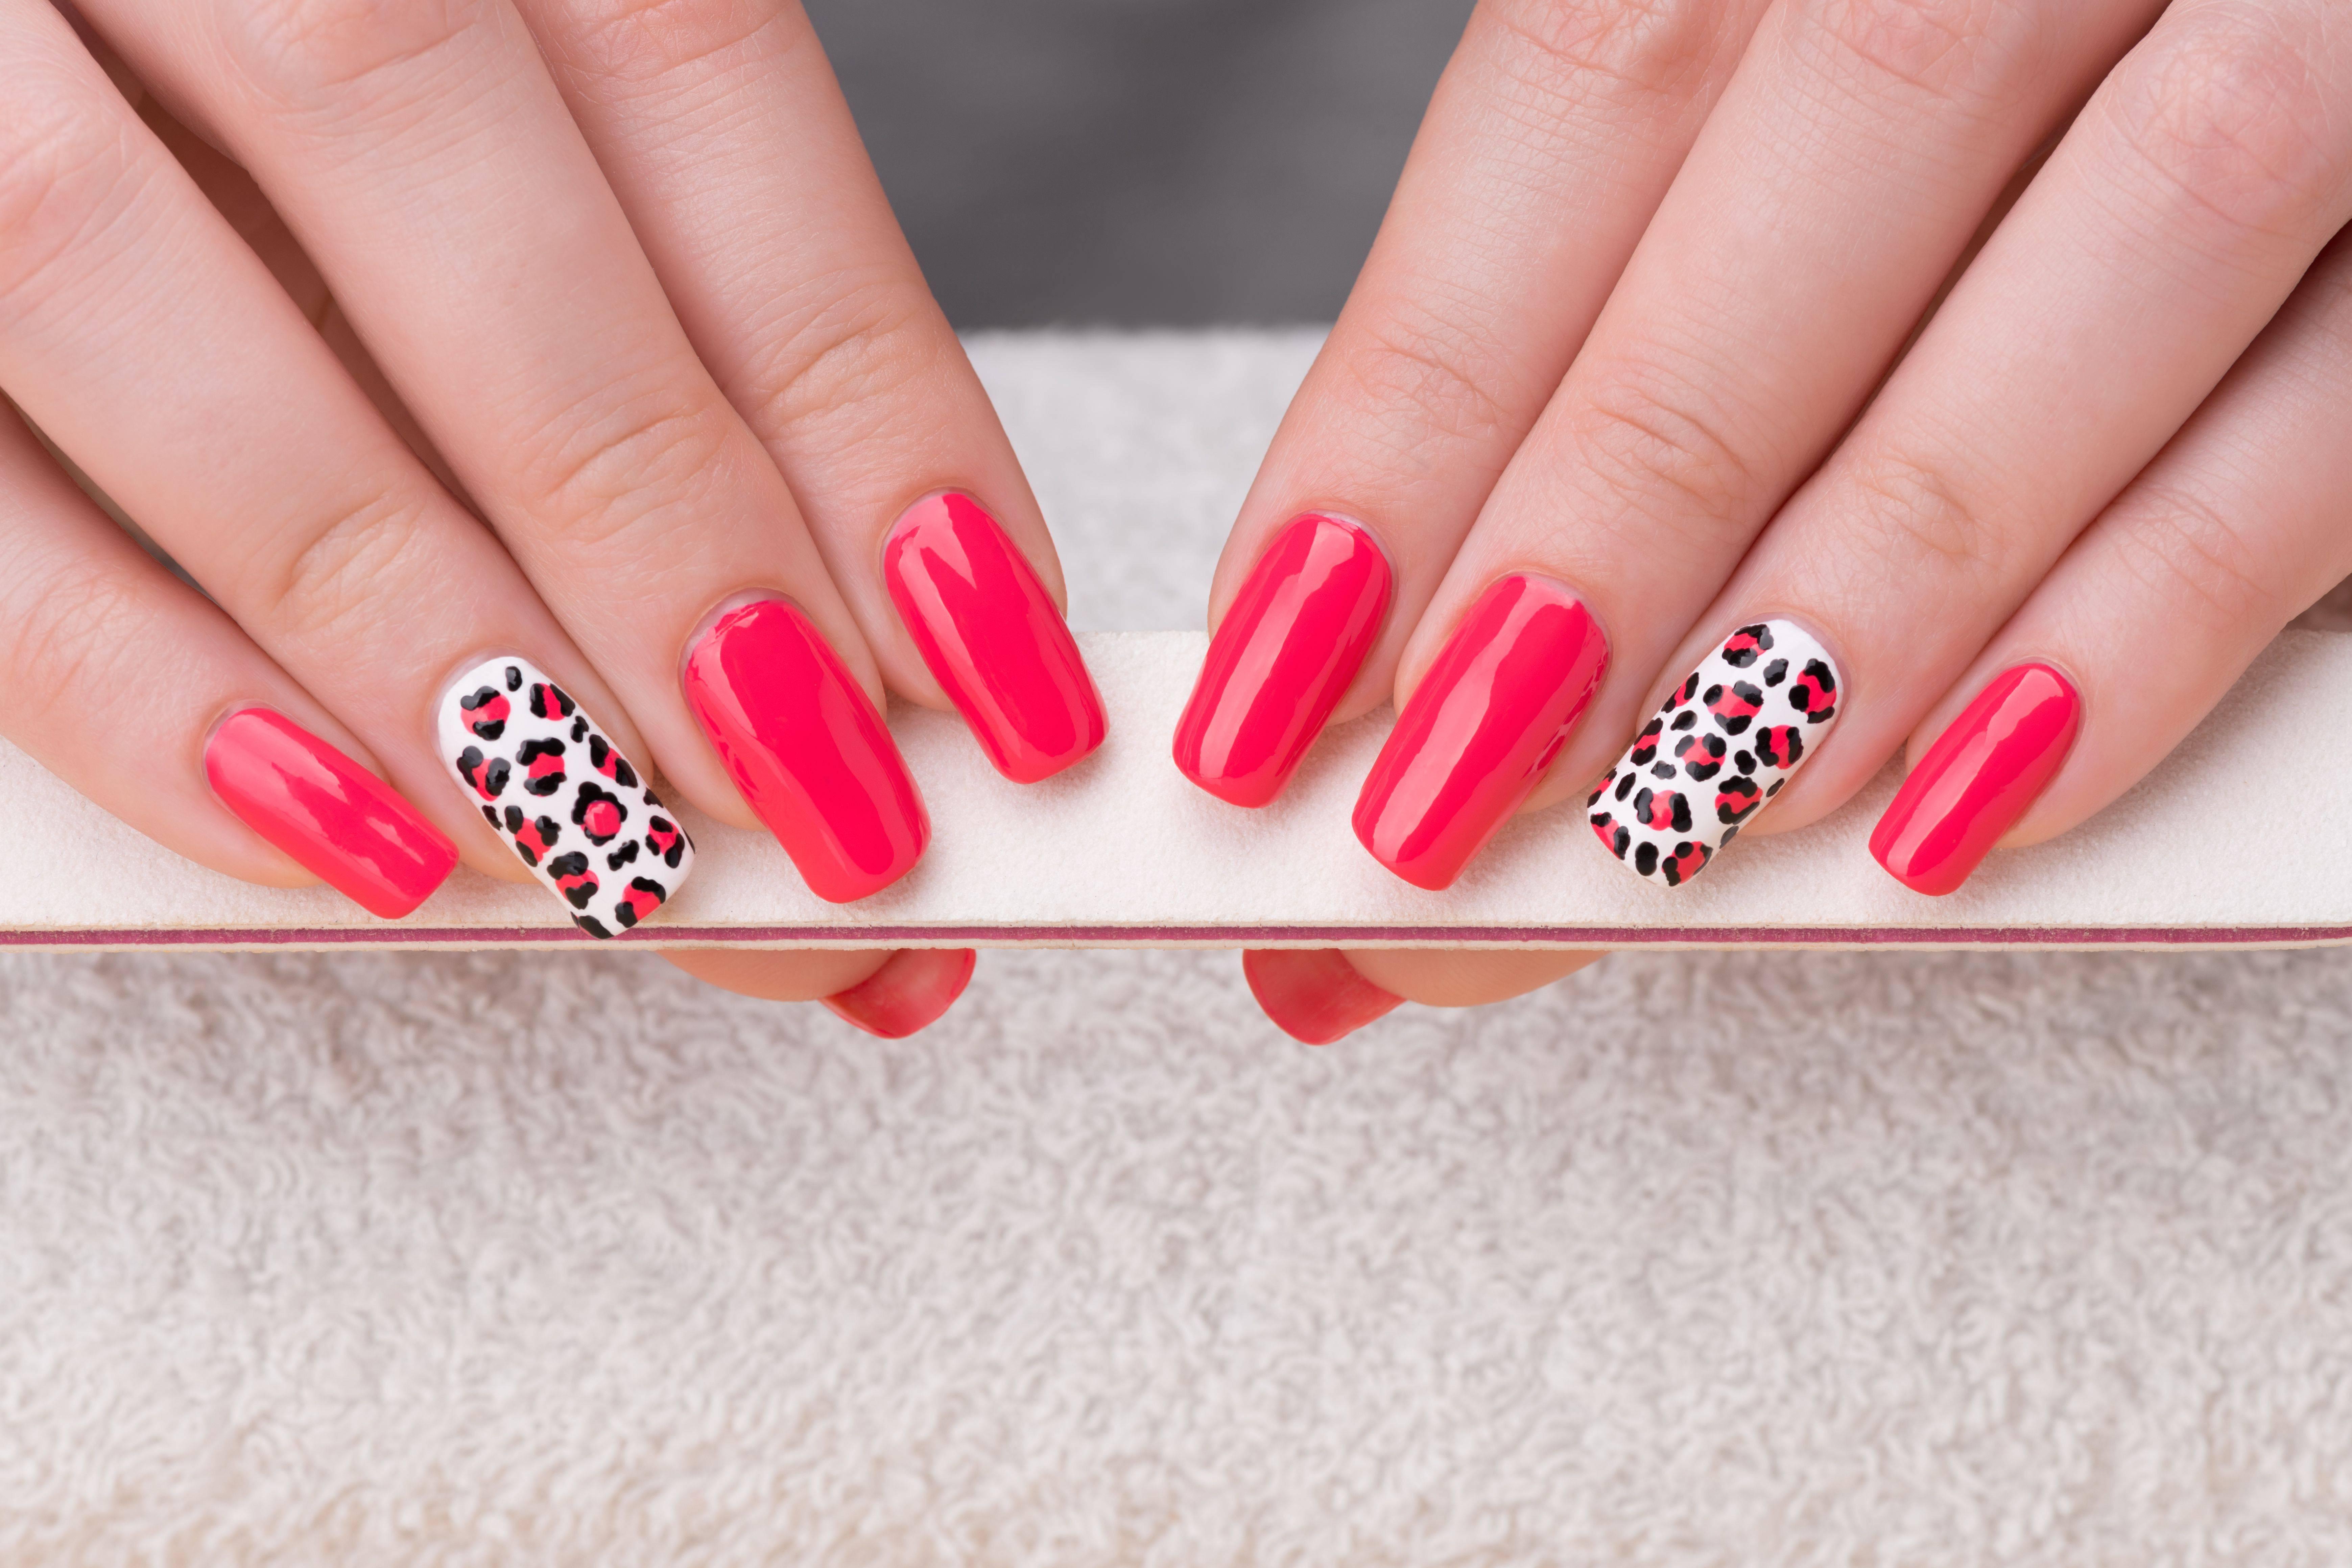 Nel tutorial che vi proponiamo è possibile vedere come creare un nail art  le cui unghie hanno la forma a mandorla, ovviamente se il soggetto  disegnato che è